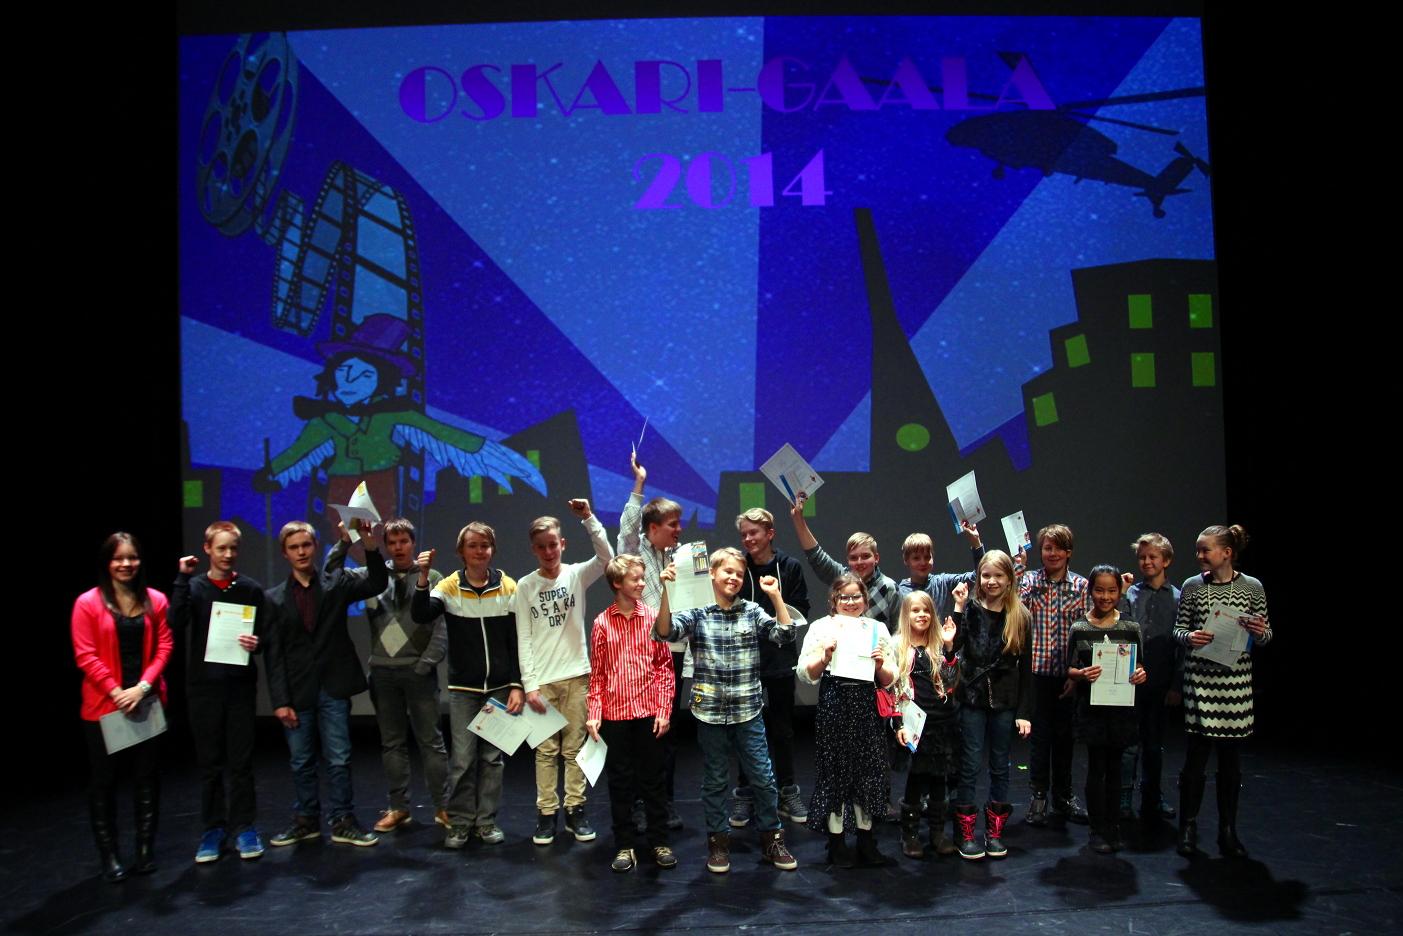 Palkittu lapsiryhmä iloitsee Oskari-gaalassa 2014.